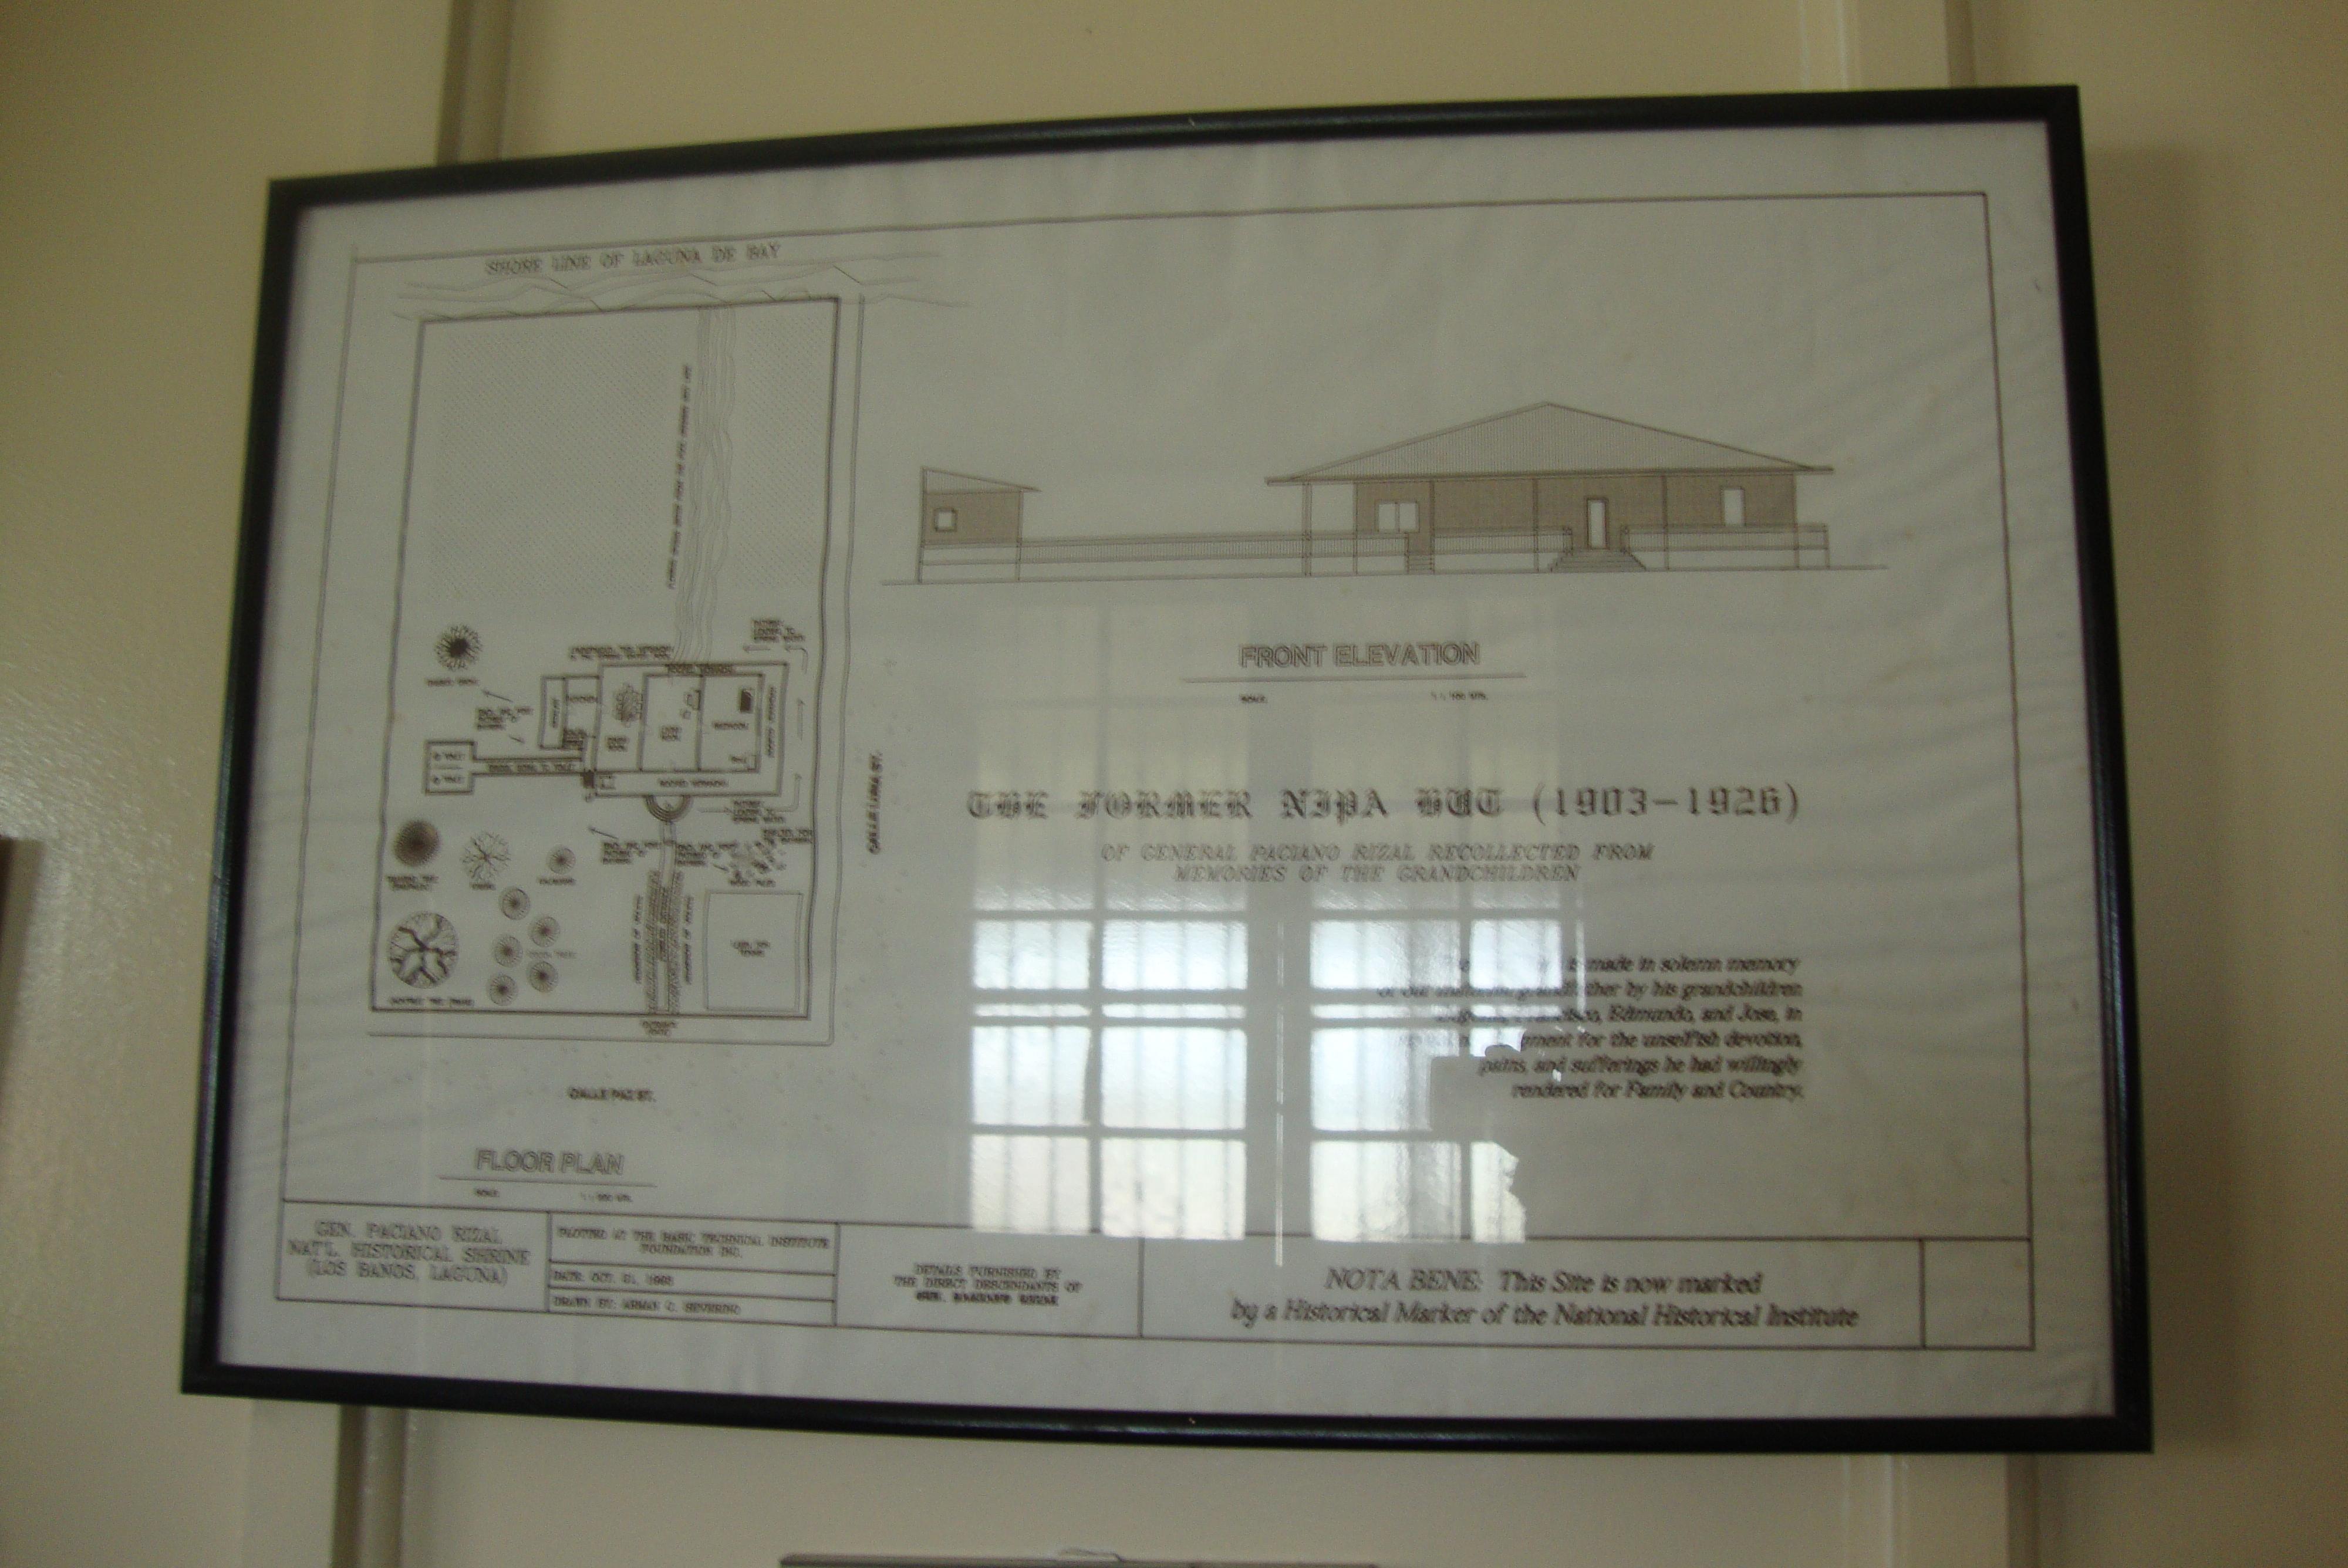 Los Baños General Plan:Nipa Hut Floor Plan